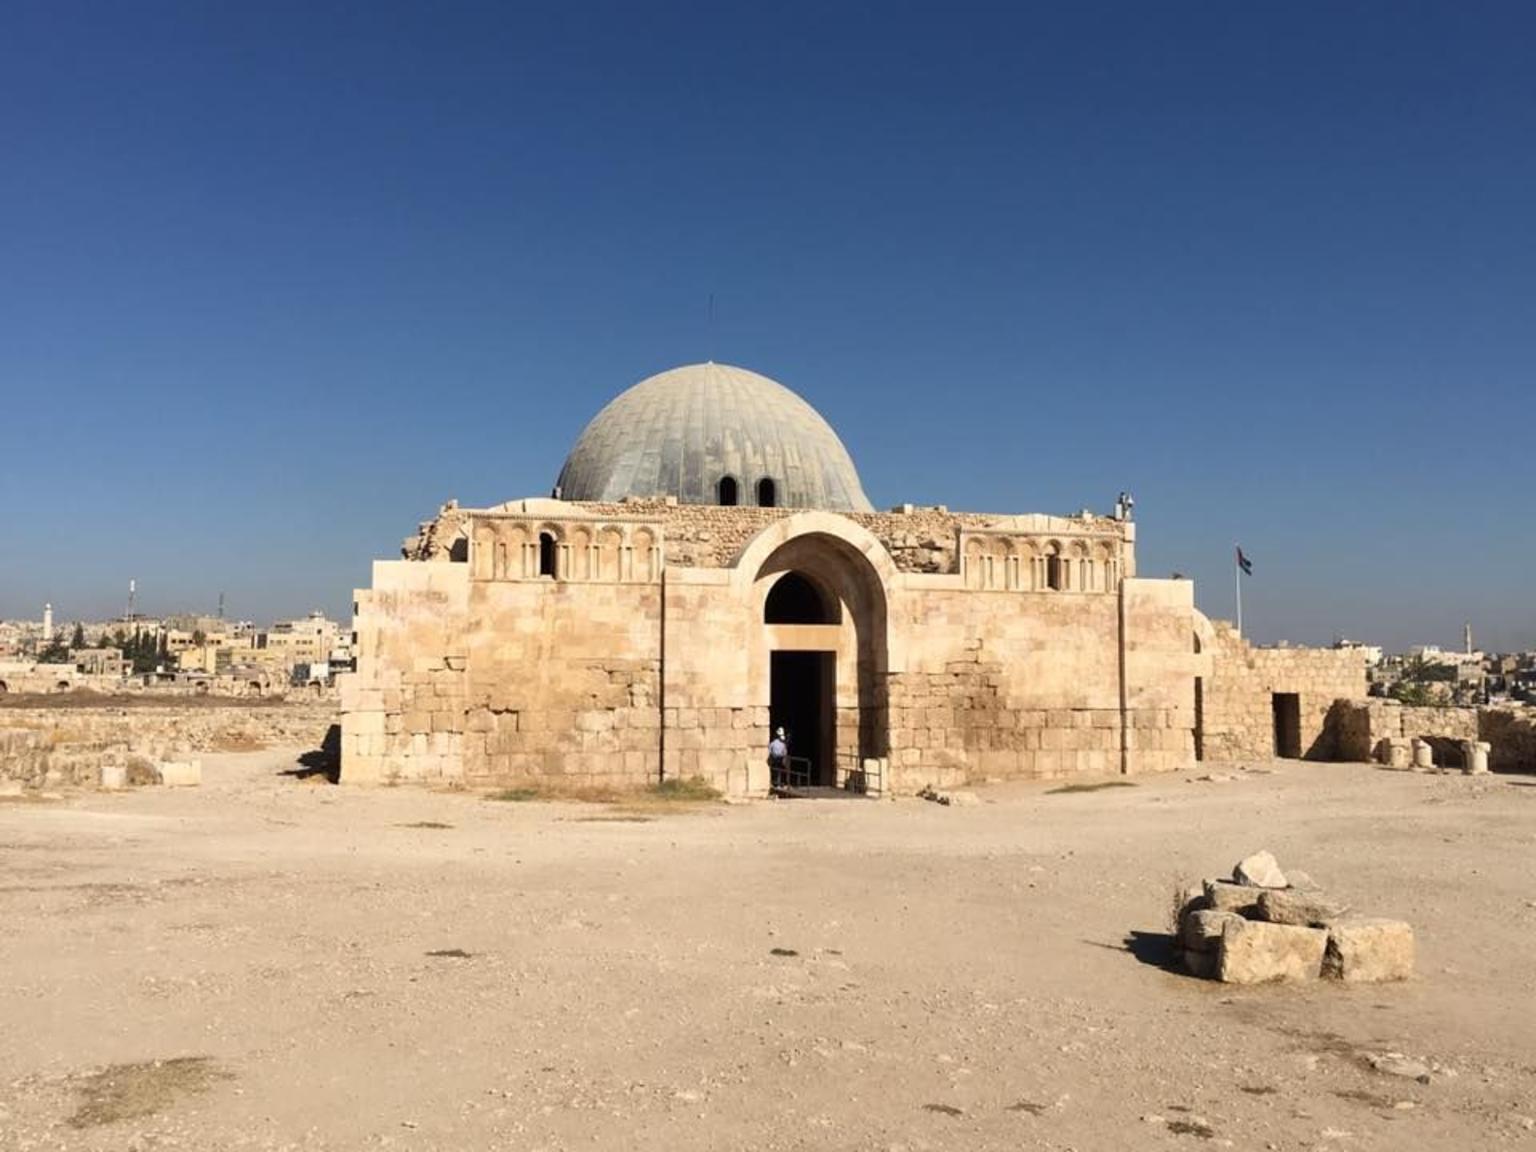 MÁS FOTOS, Tour de 6 Noches Lo Mejor de Jordania desde Ammán: Jerash, Mar Muerto, Petra y Wadi Rum